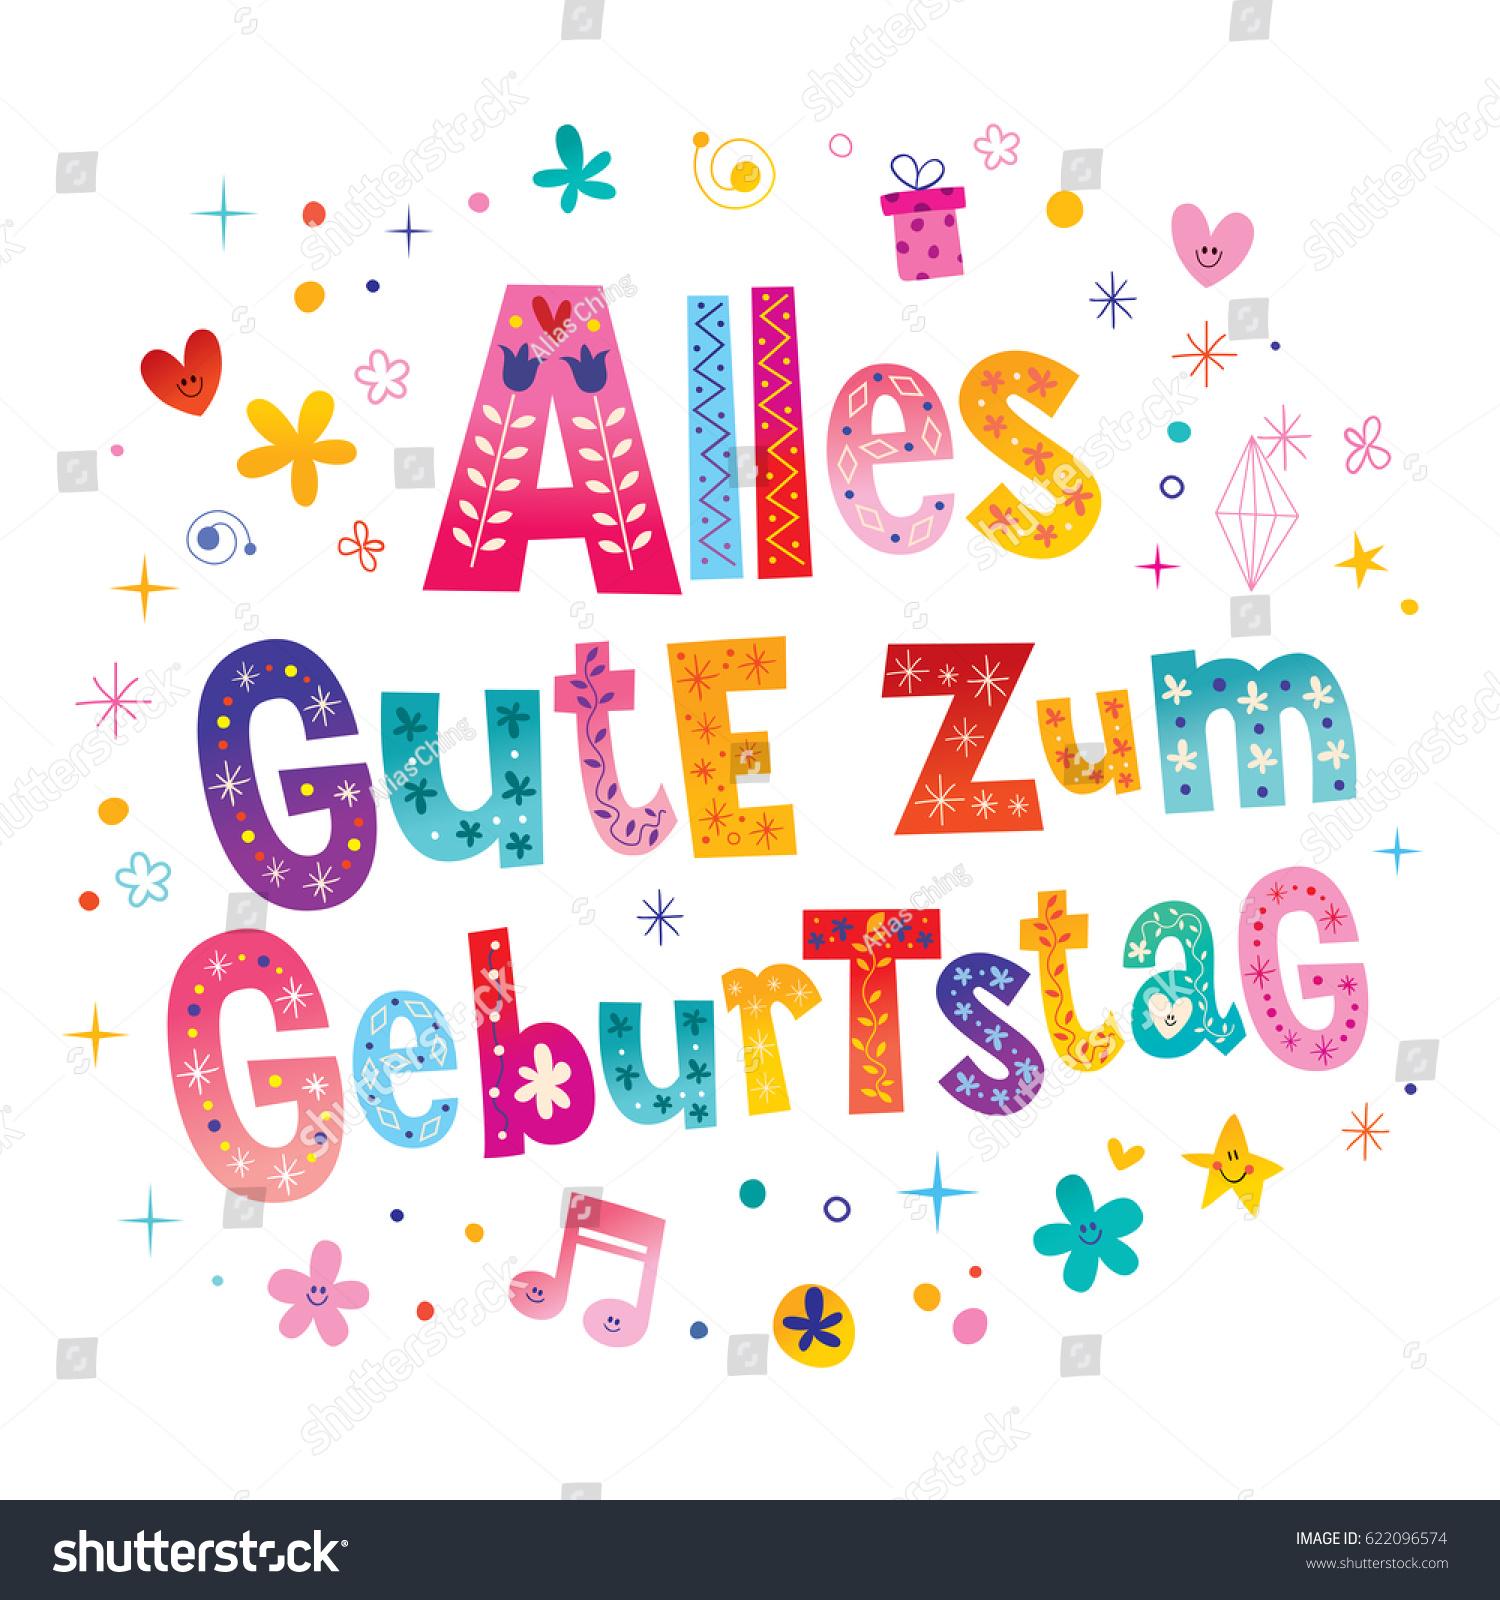 Alles gute zum geburtstag deutsch german stock vector 622096574 alles gute zum geburtstag deutsch german happy birthday greeting card m4hsunfo